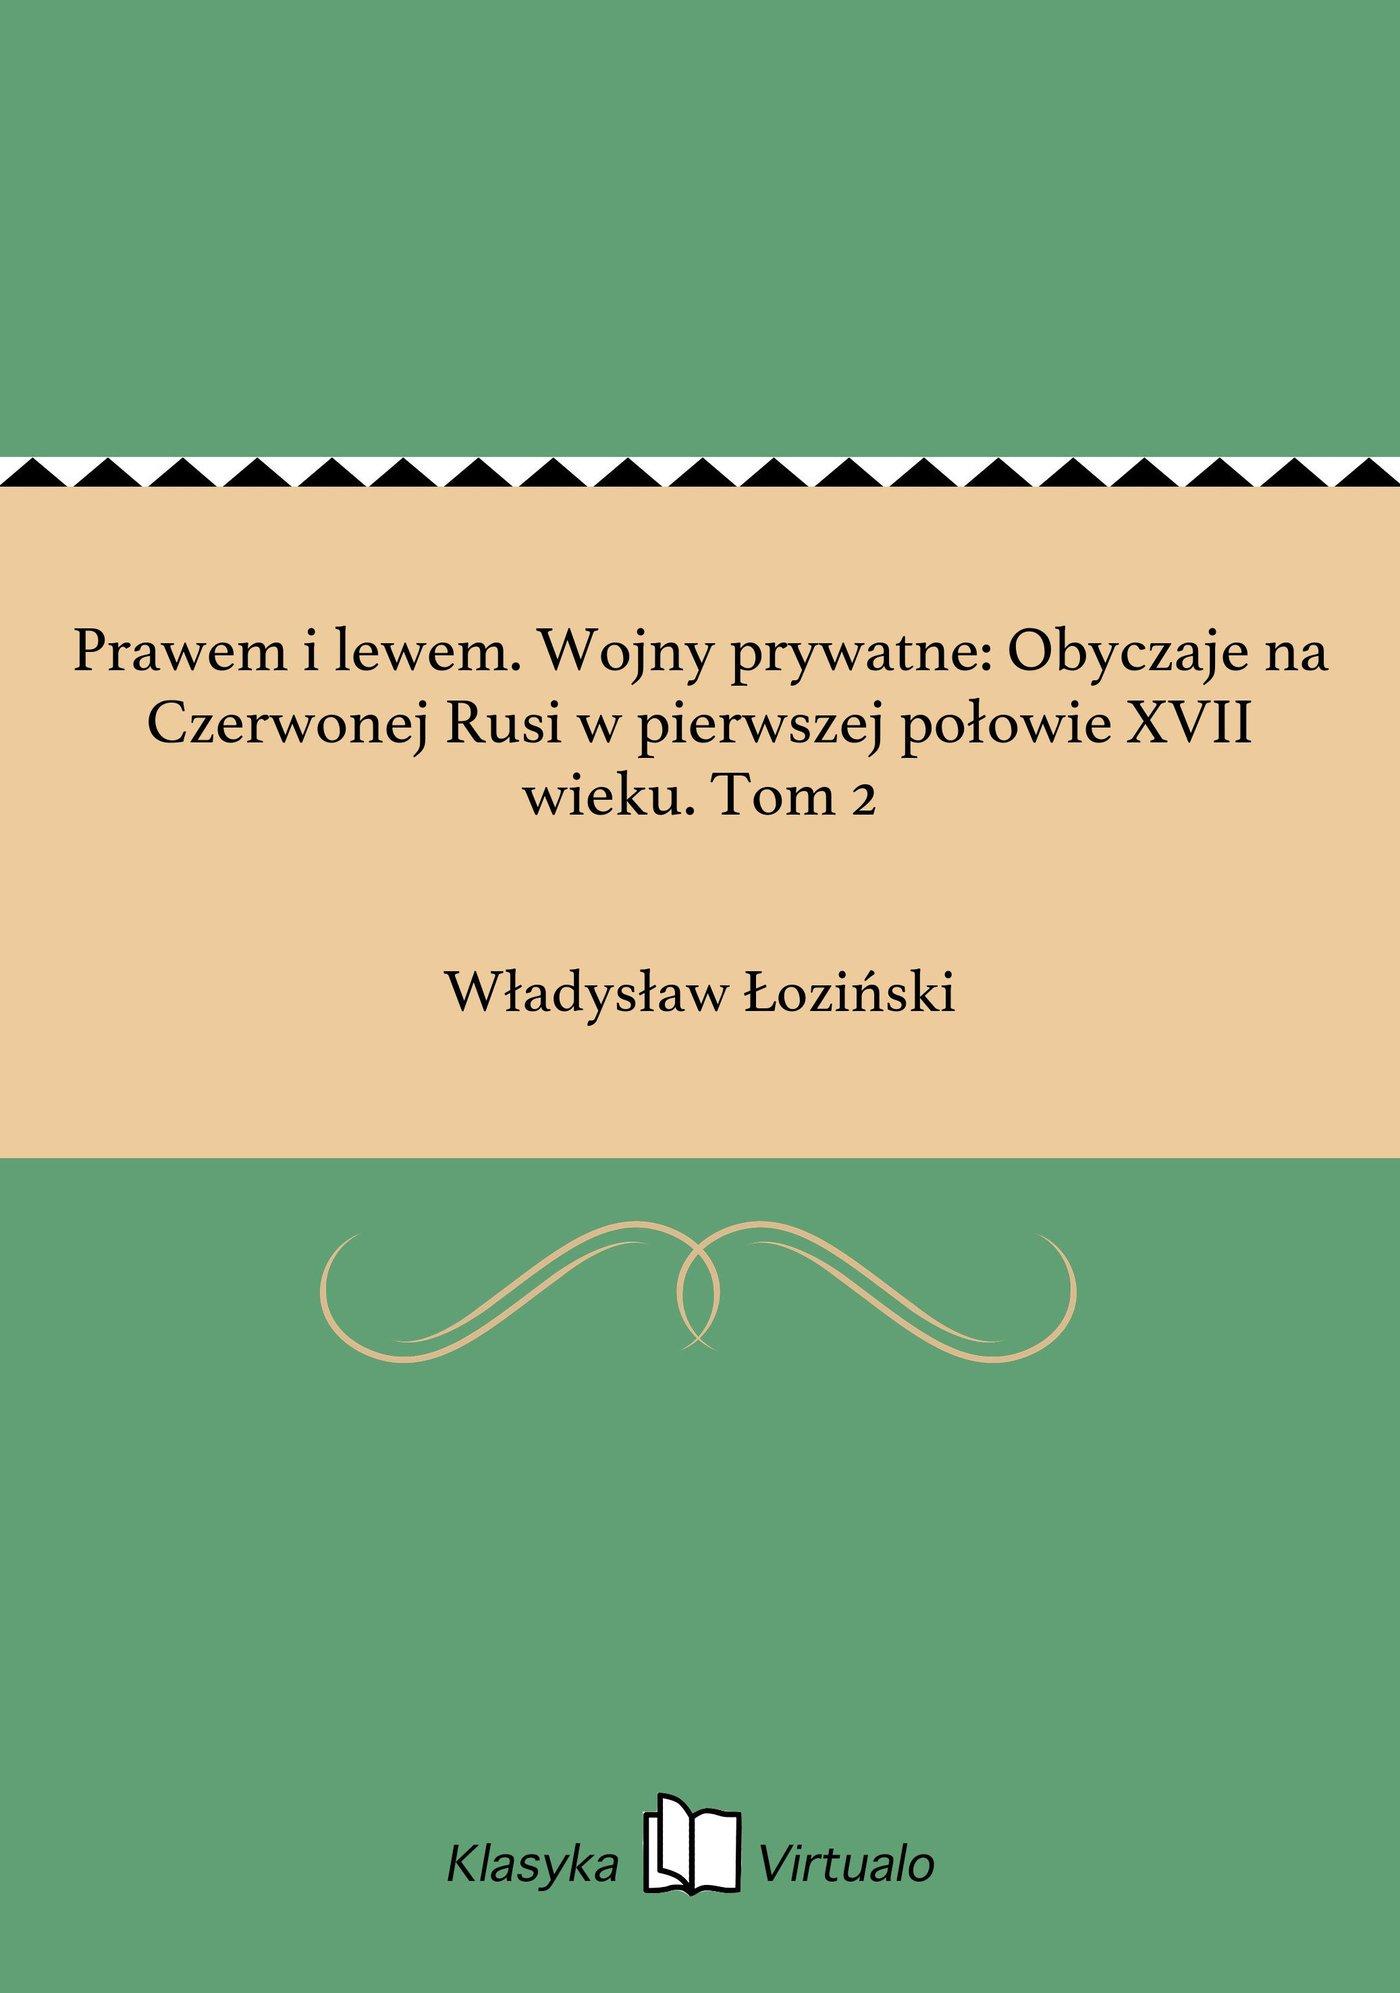 Prawem i lewem. Wojny prywatne: Obyczaje na Czerwonej Rusi w pierwszej połowie XVII wieku. Tom 2 - Ebook (Książka na Kindle) do pobrania w formacie MOBI